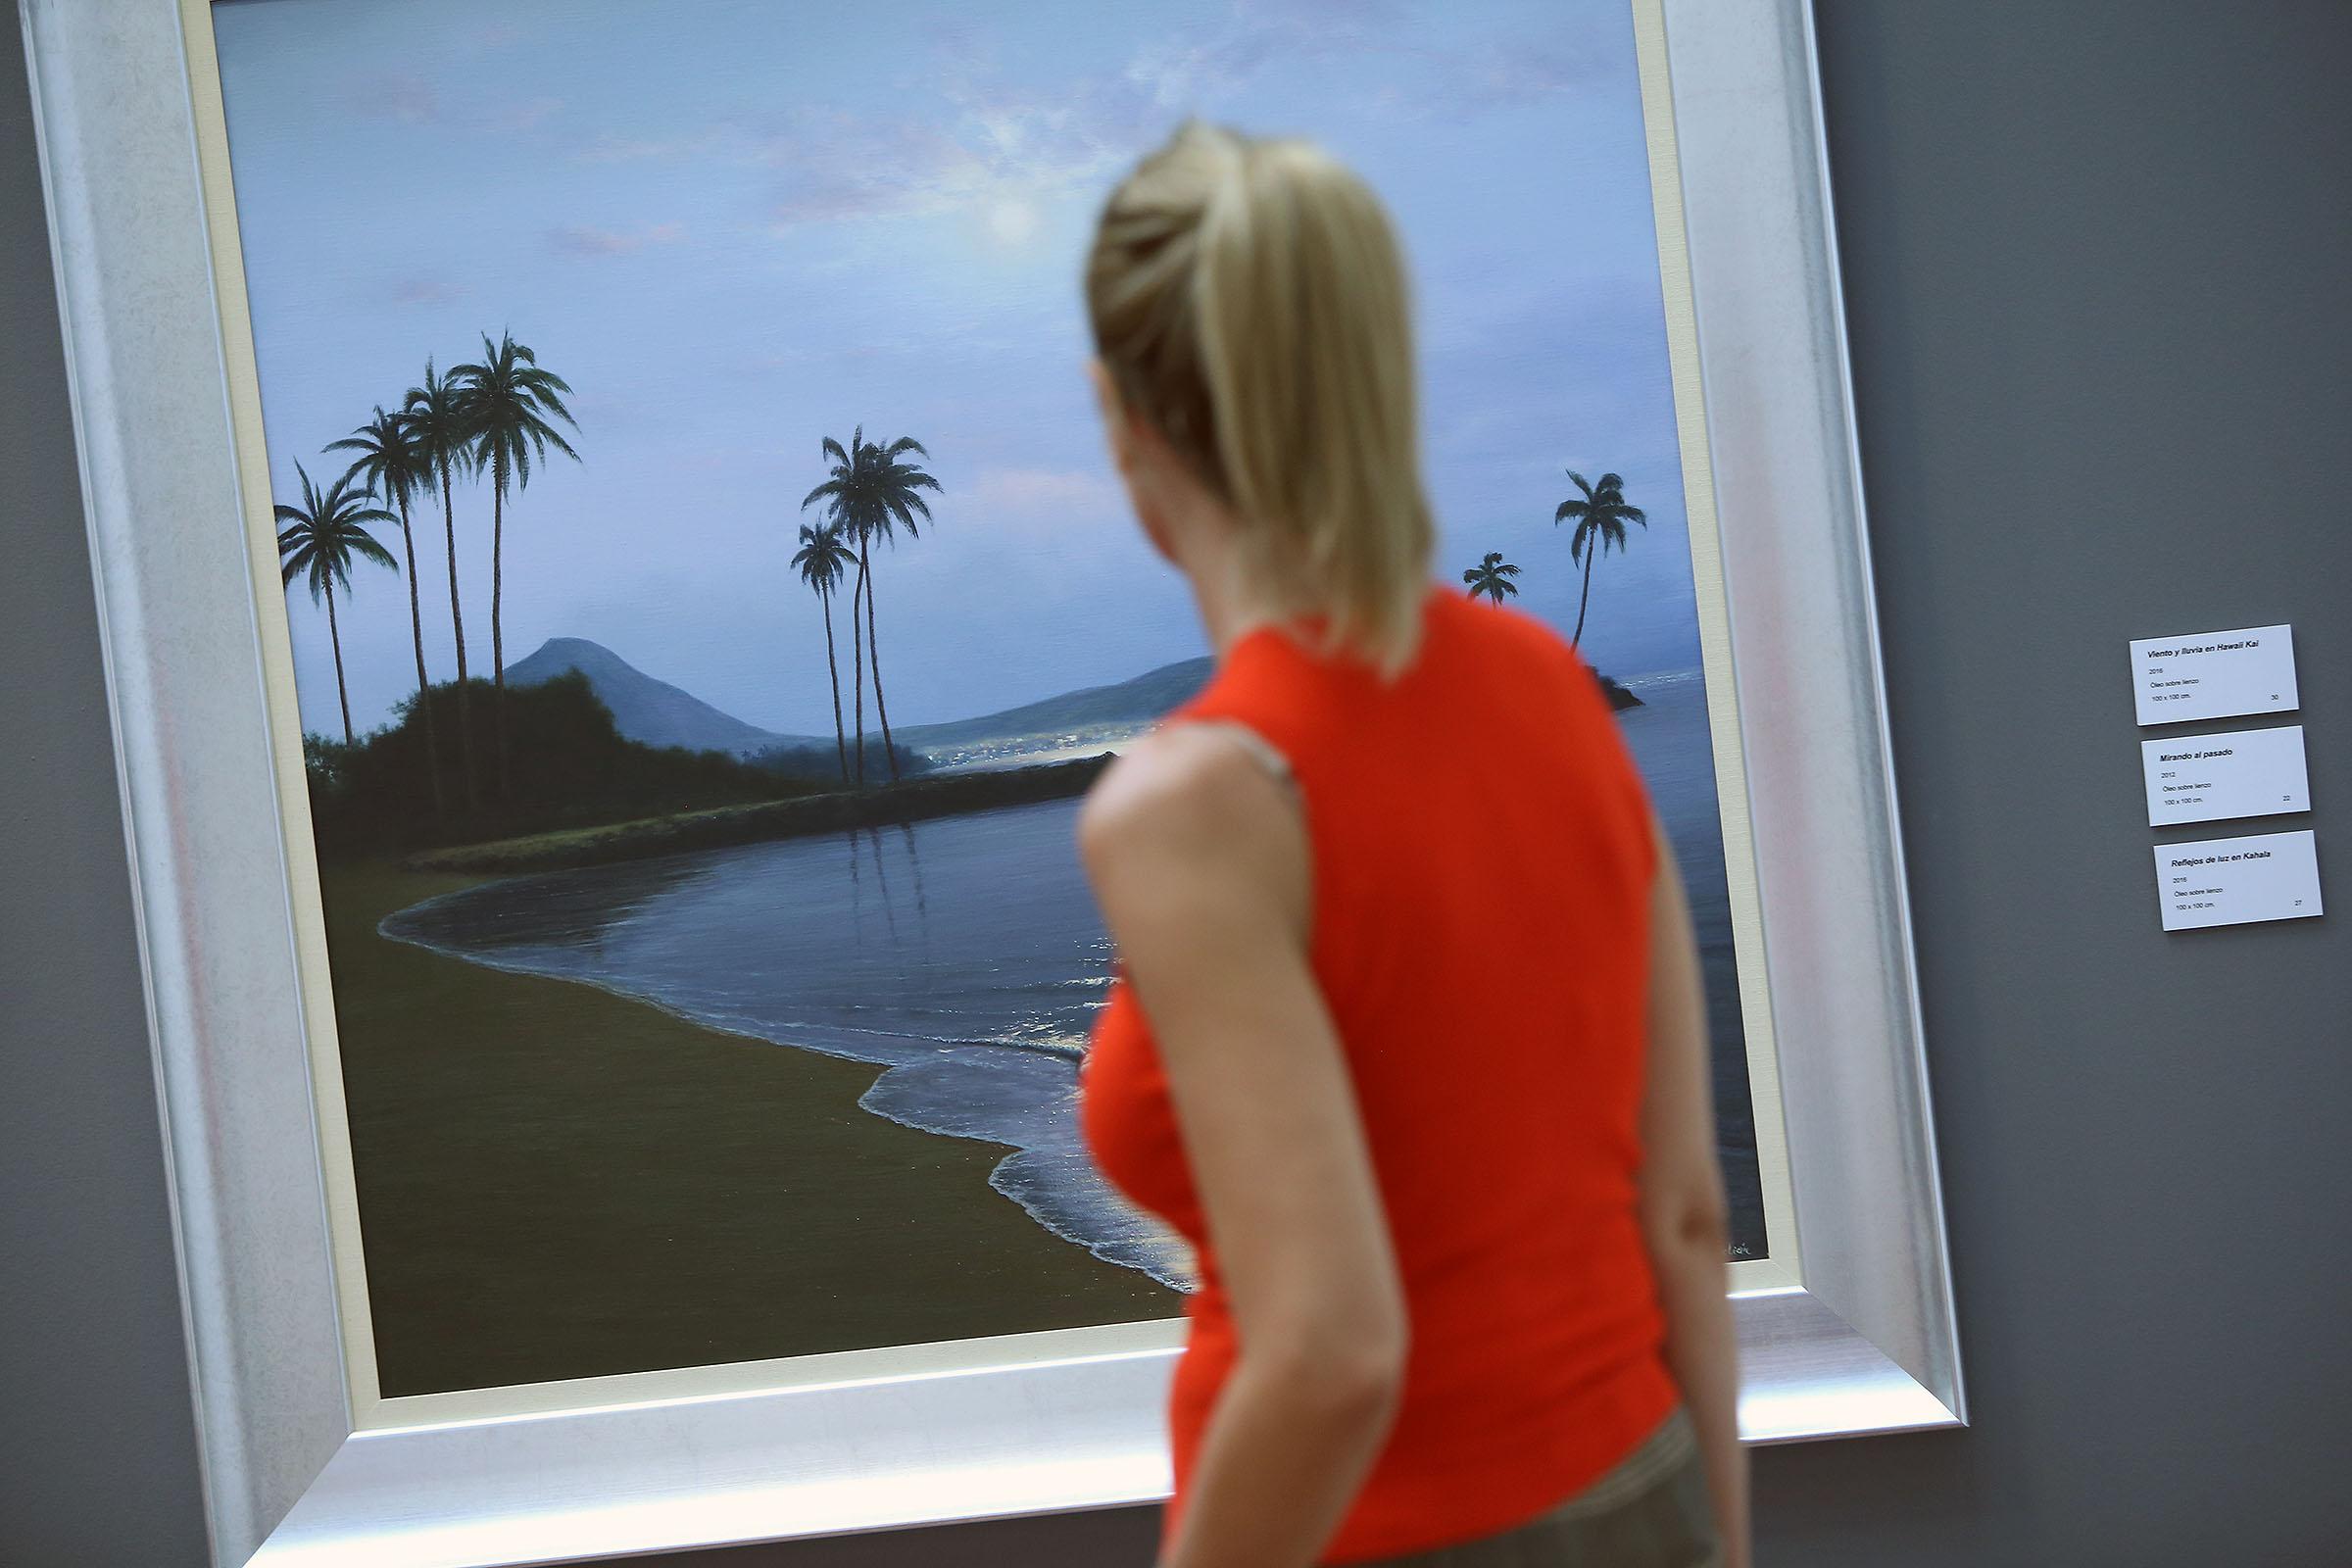 Inaugurada la exposición Canarias-Hawaii Chago Melián